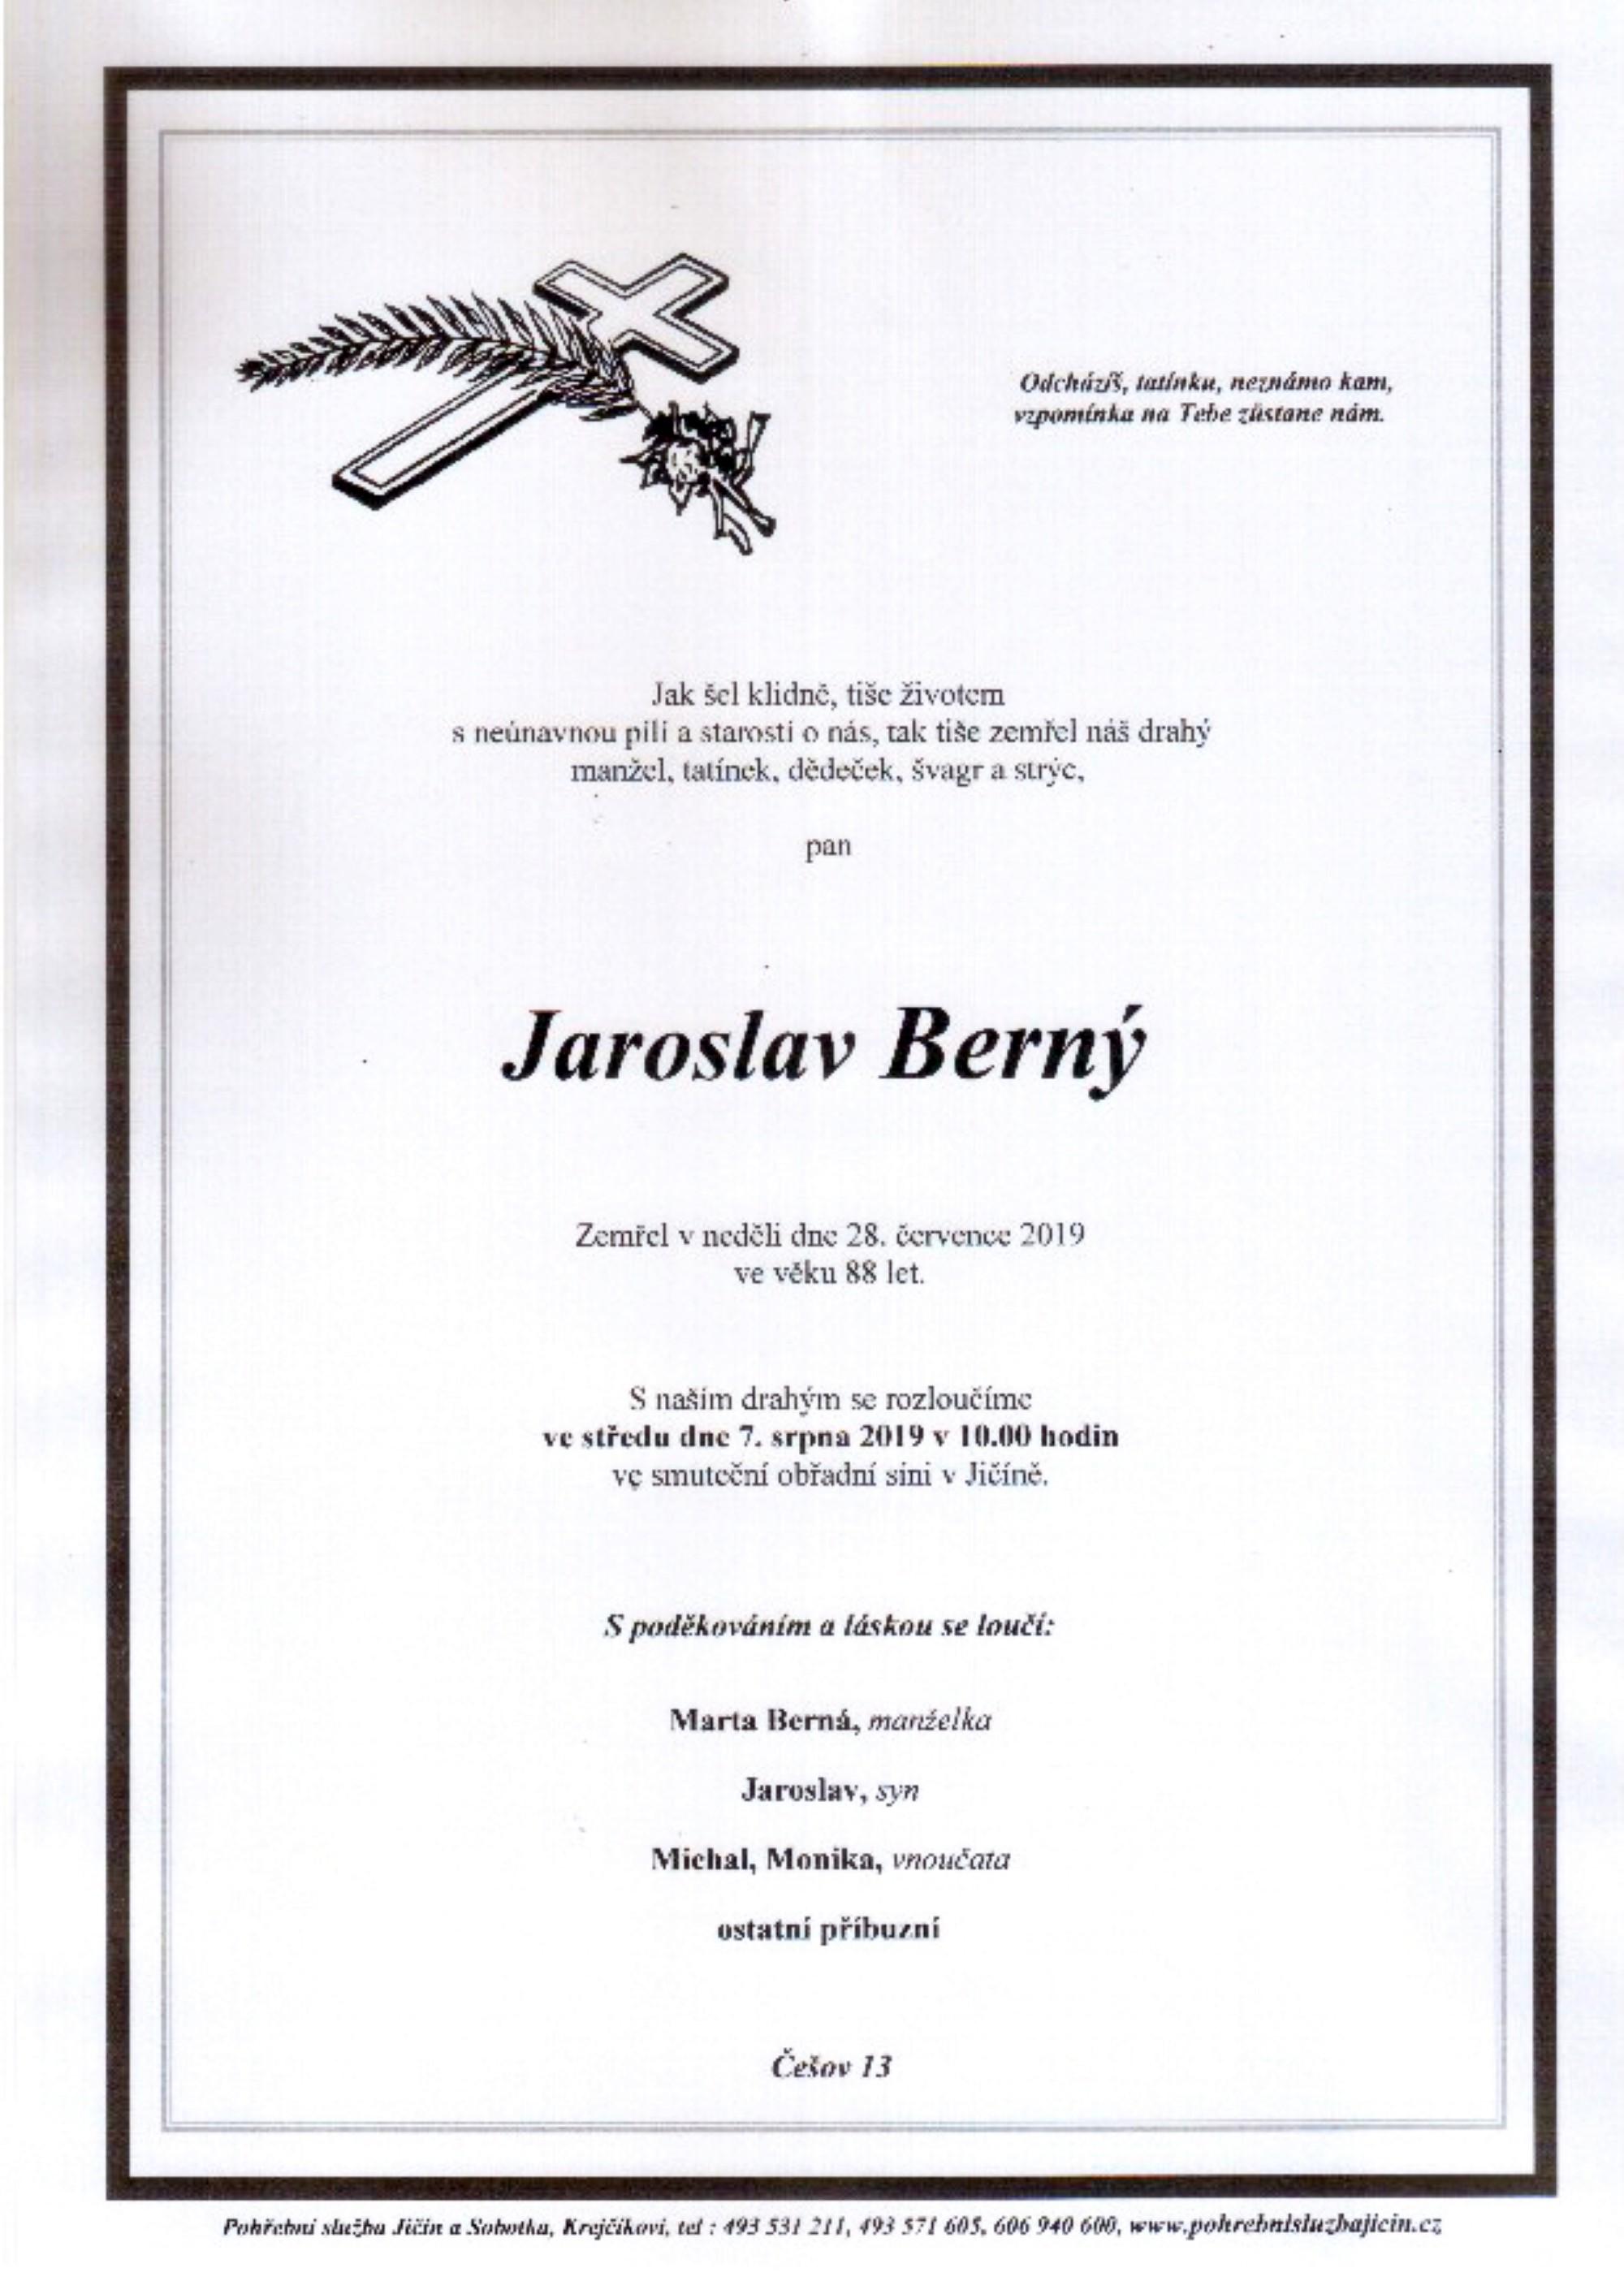 Jaroslav Berný